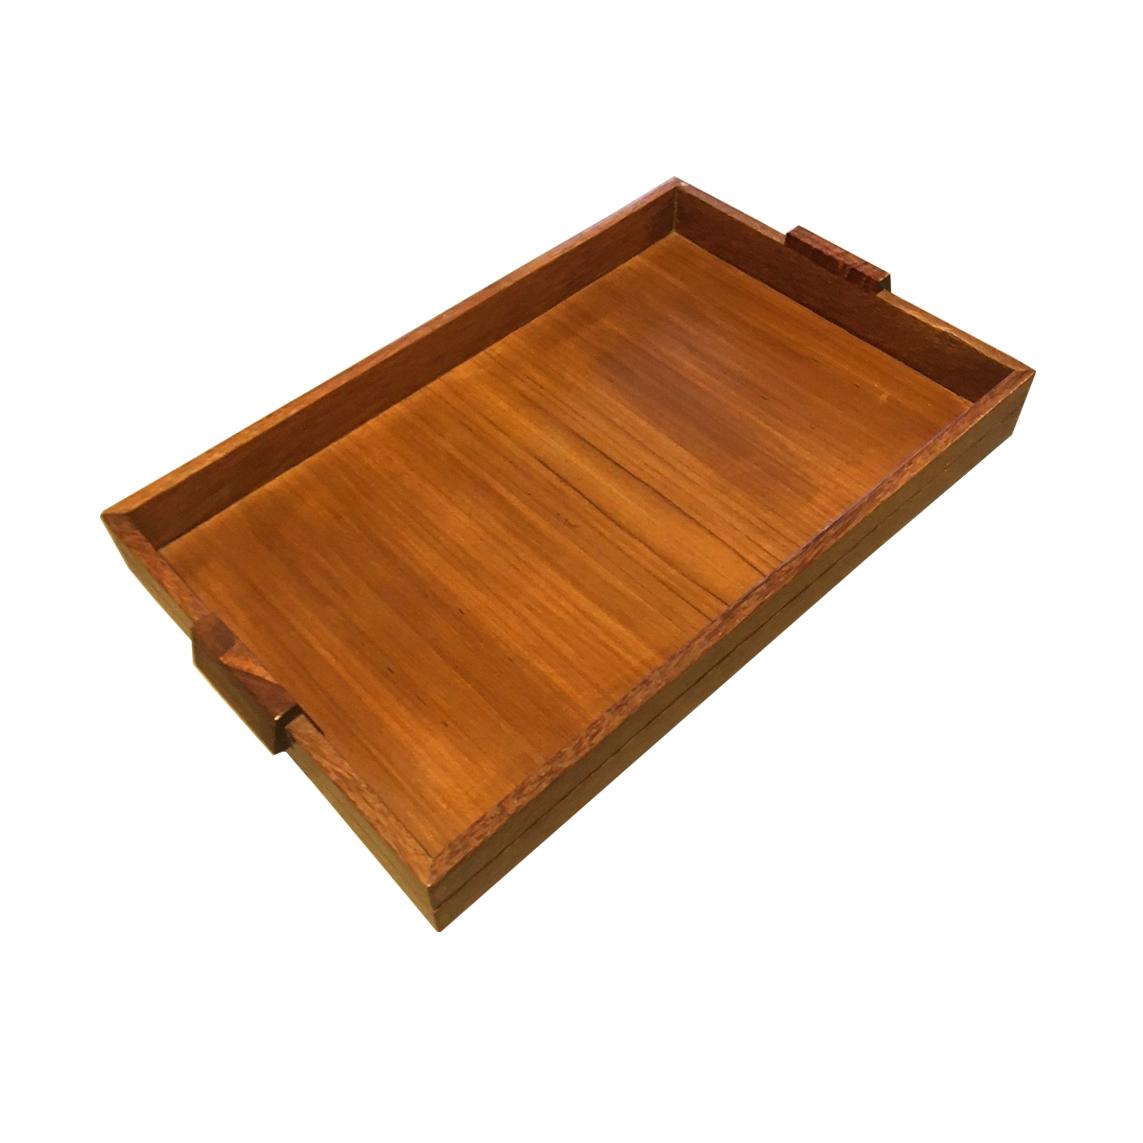 D132 - Wooden Tray B - Teak d43